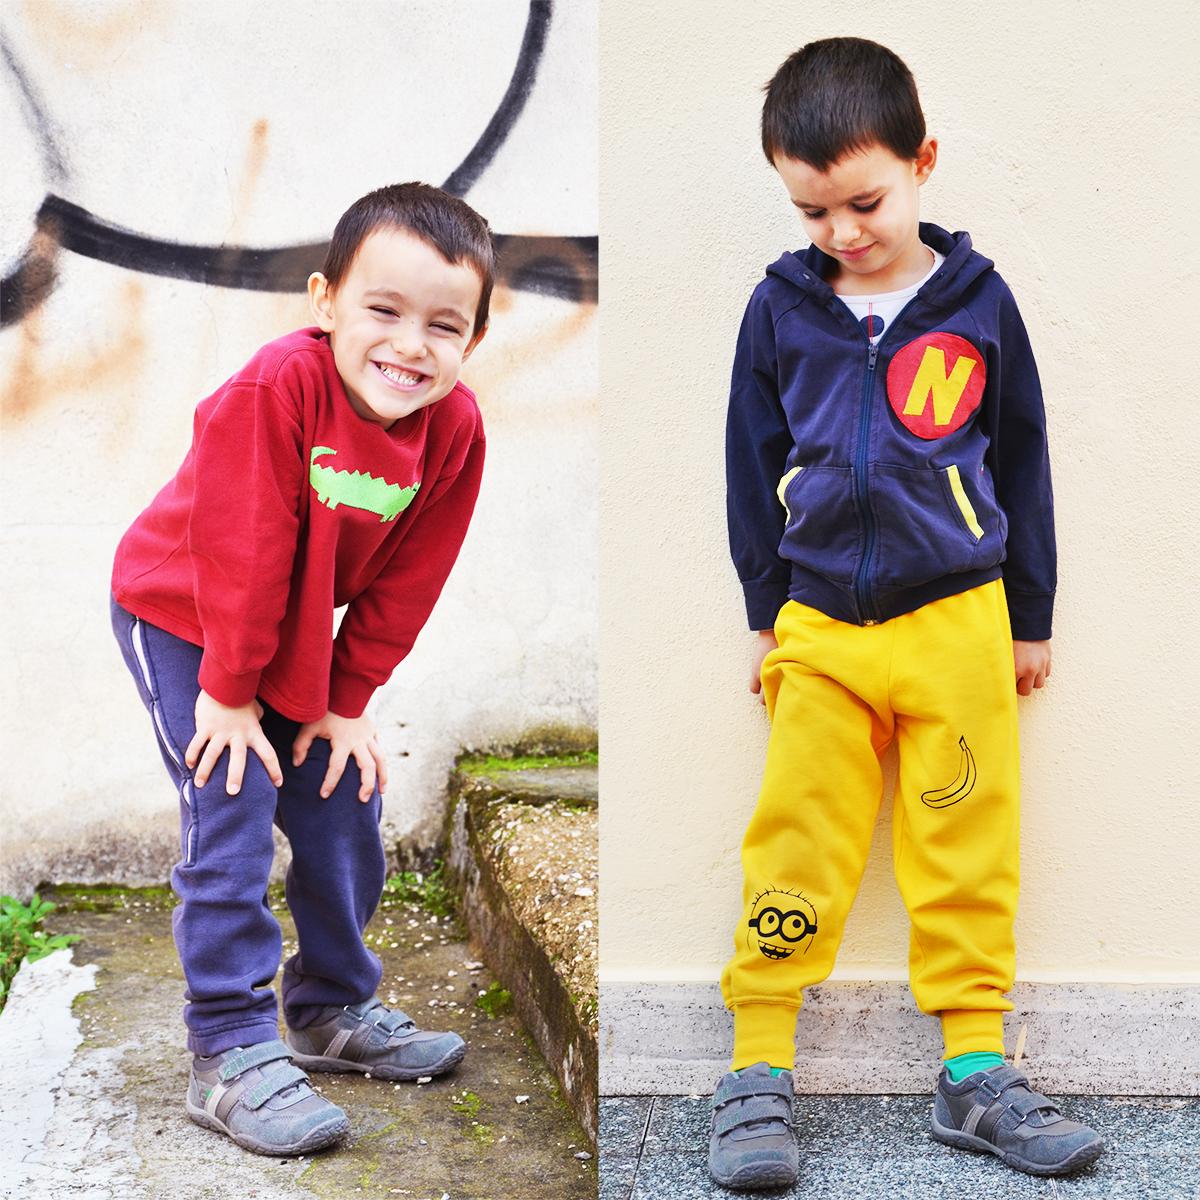 Cucire pantaloni per bambini da felpe (refashion)